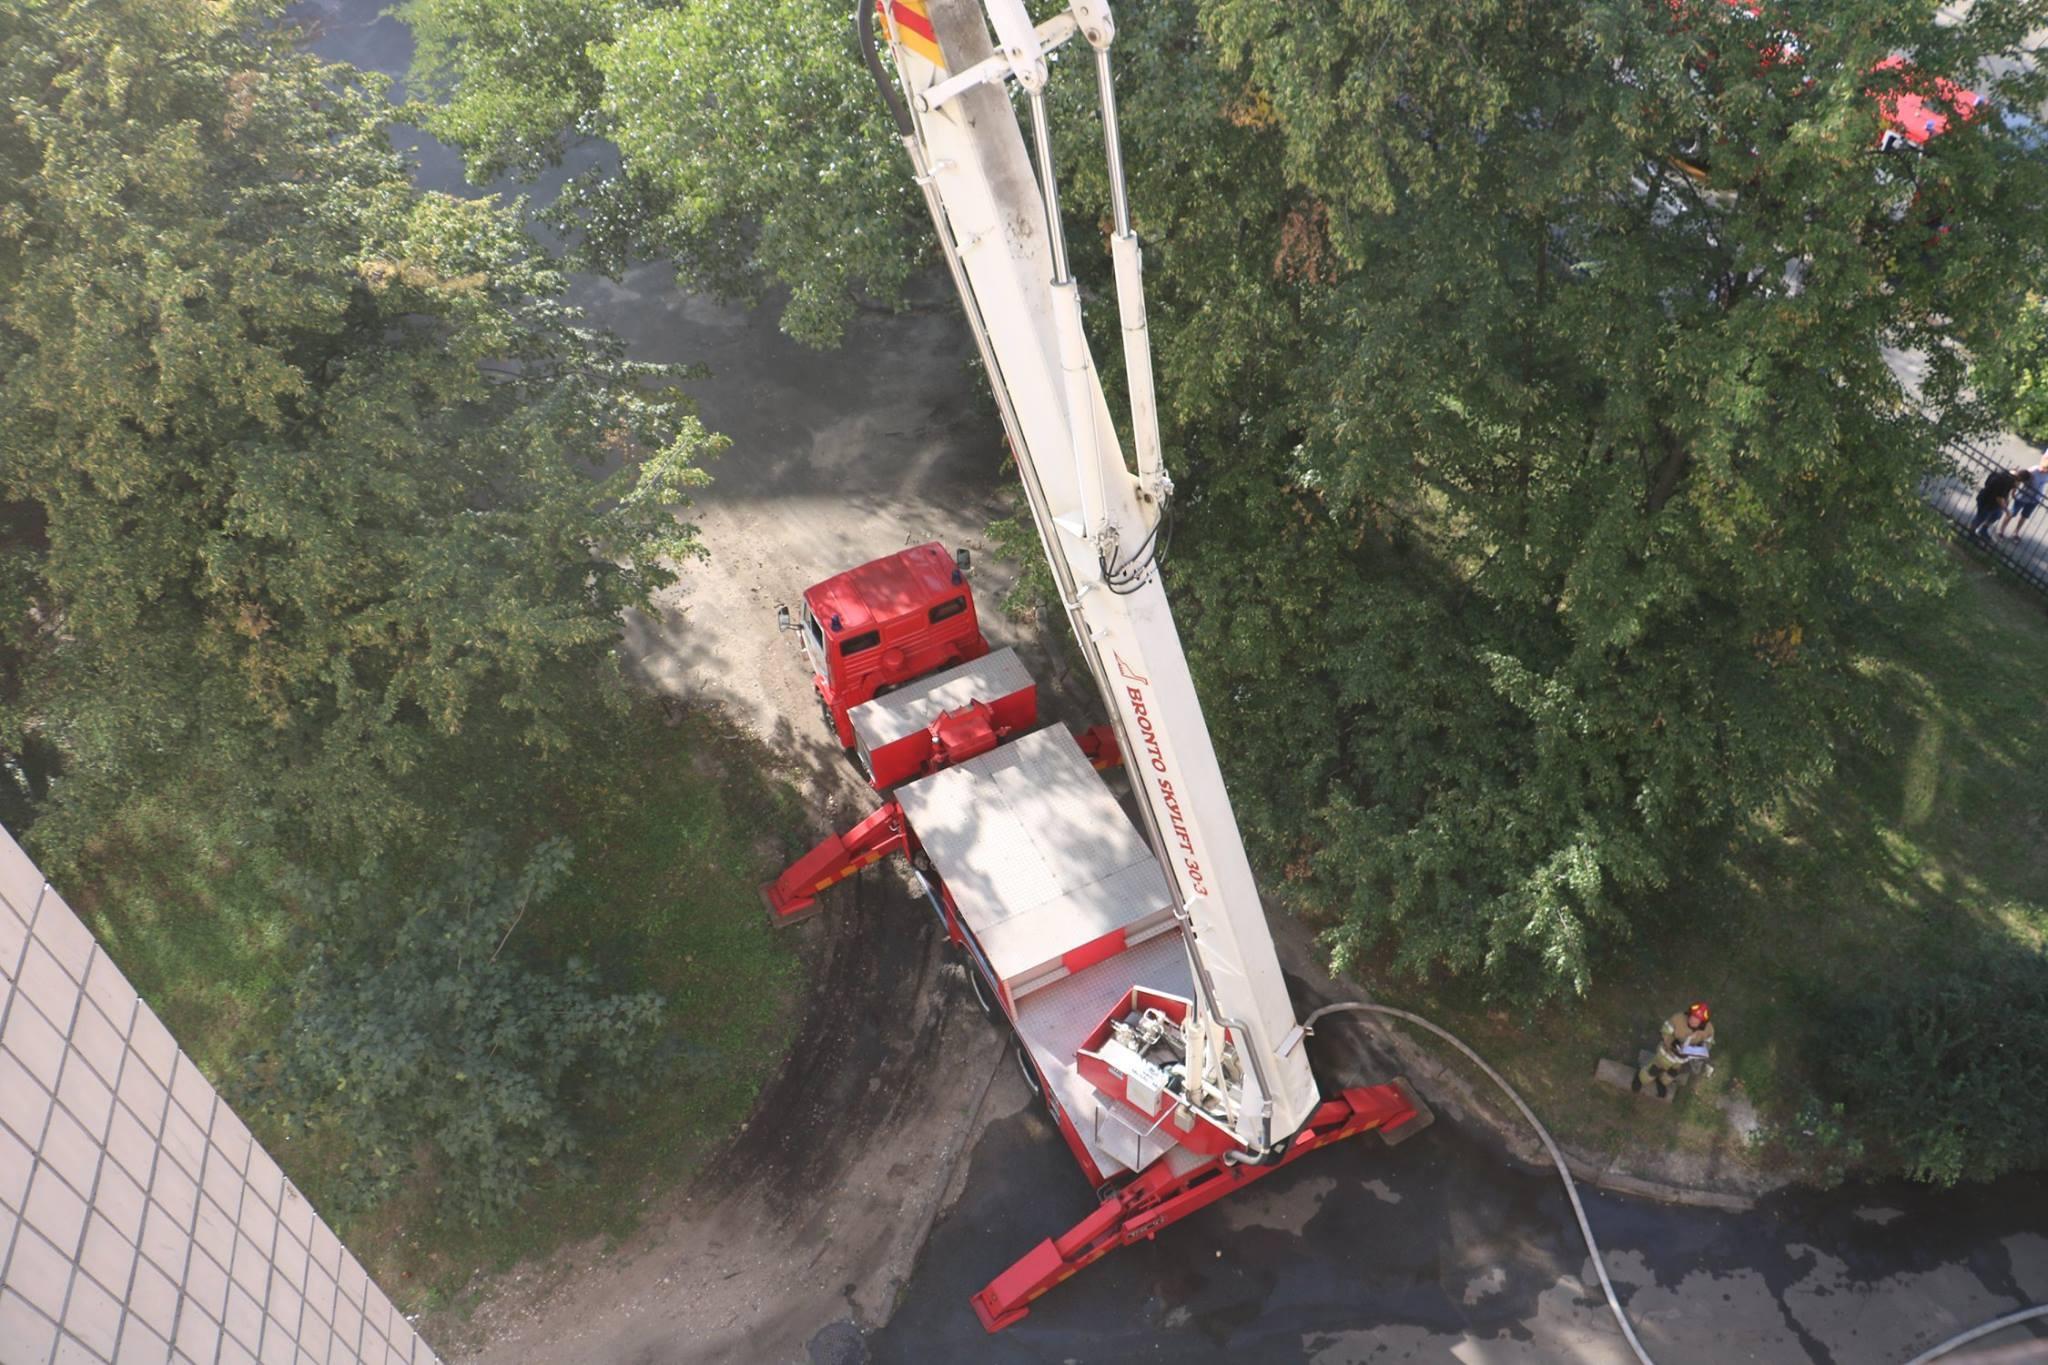 У Києві сталася пожежа в студентському гуртожитку - Главком 14158a7fb0089